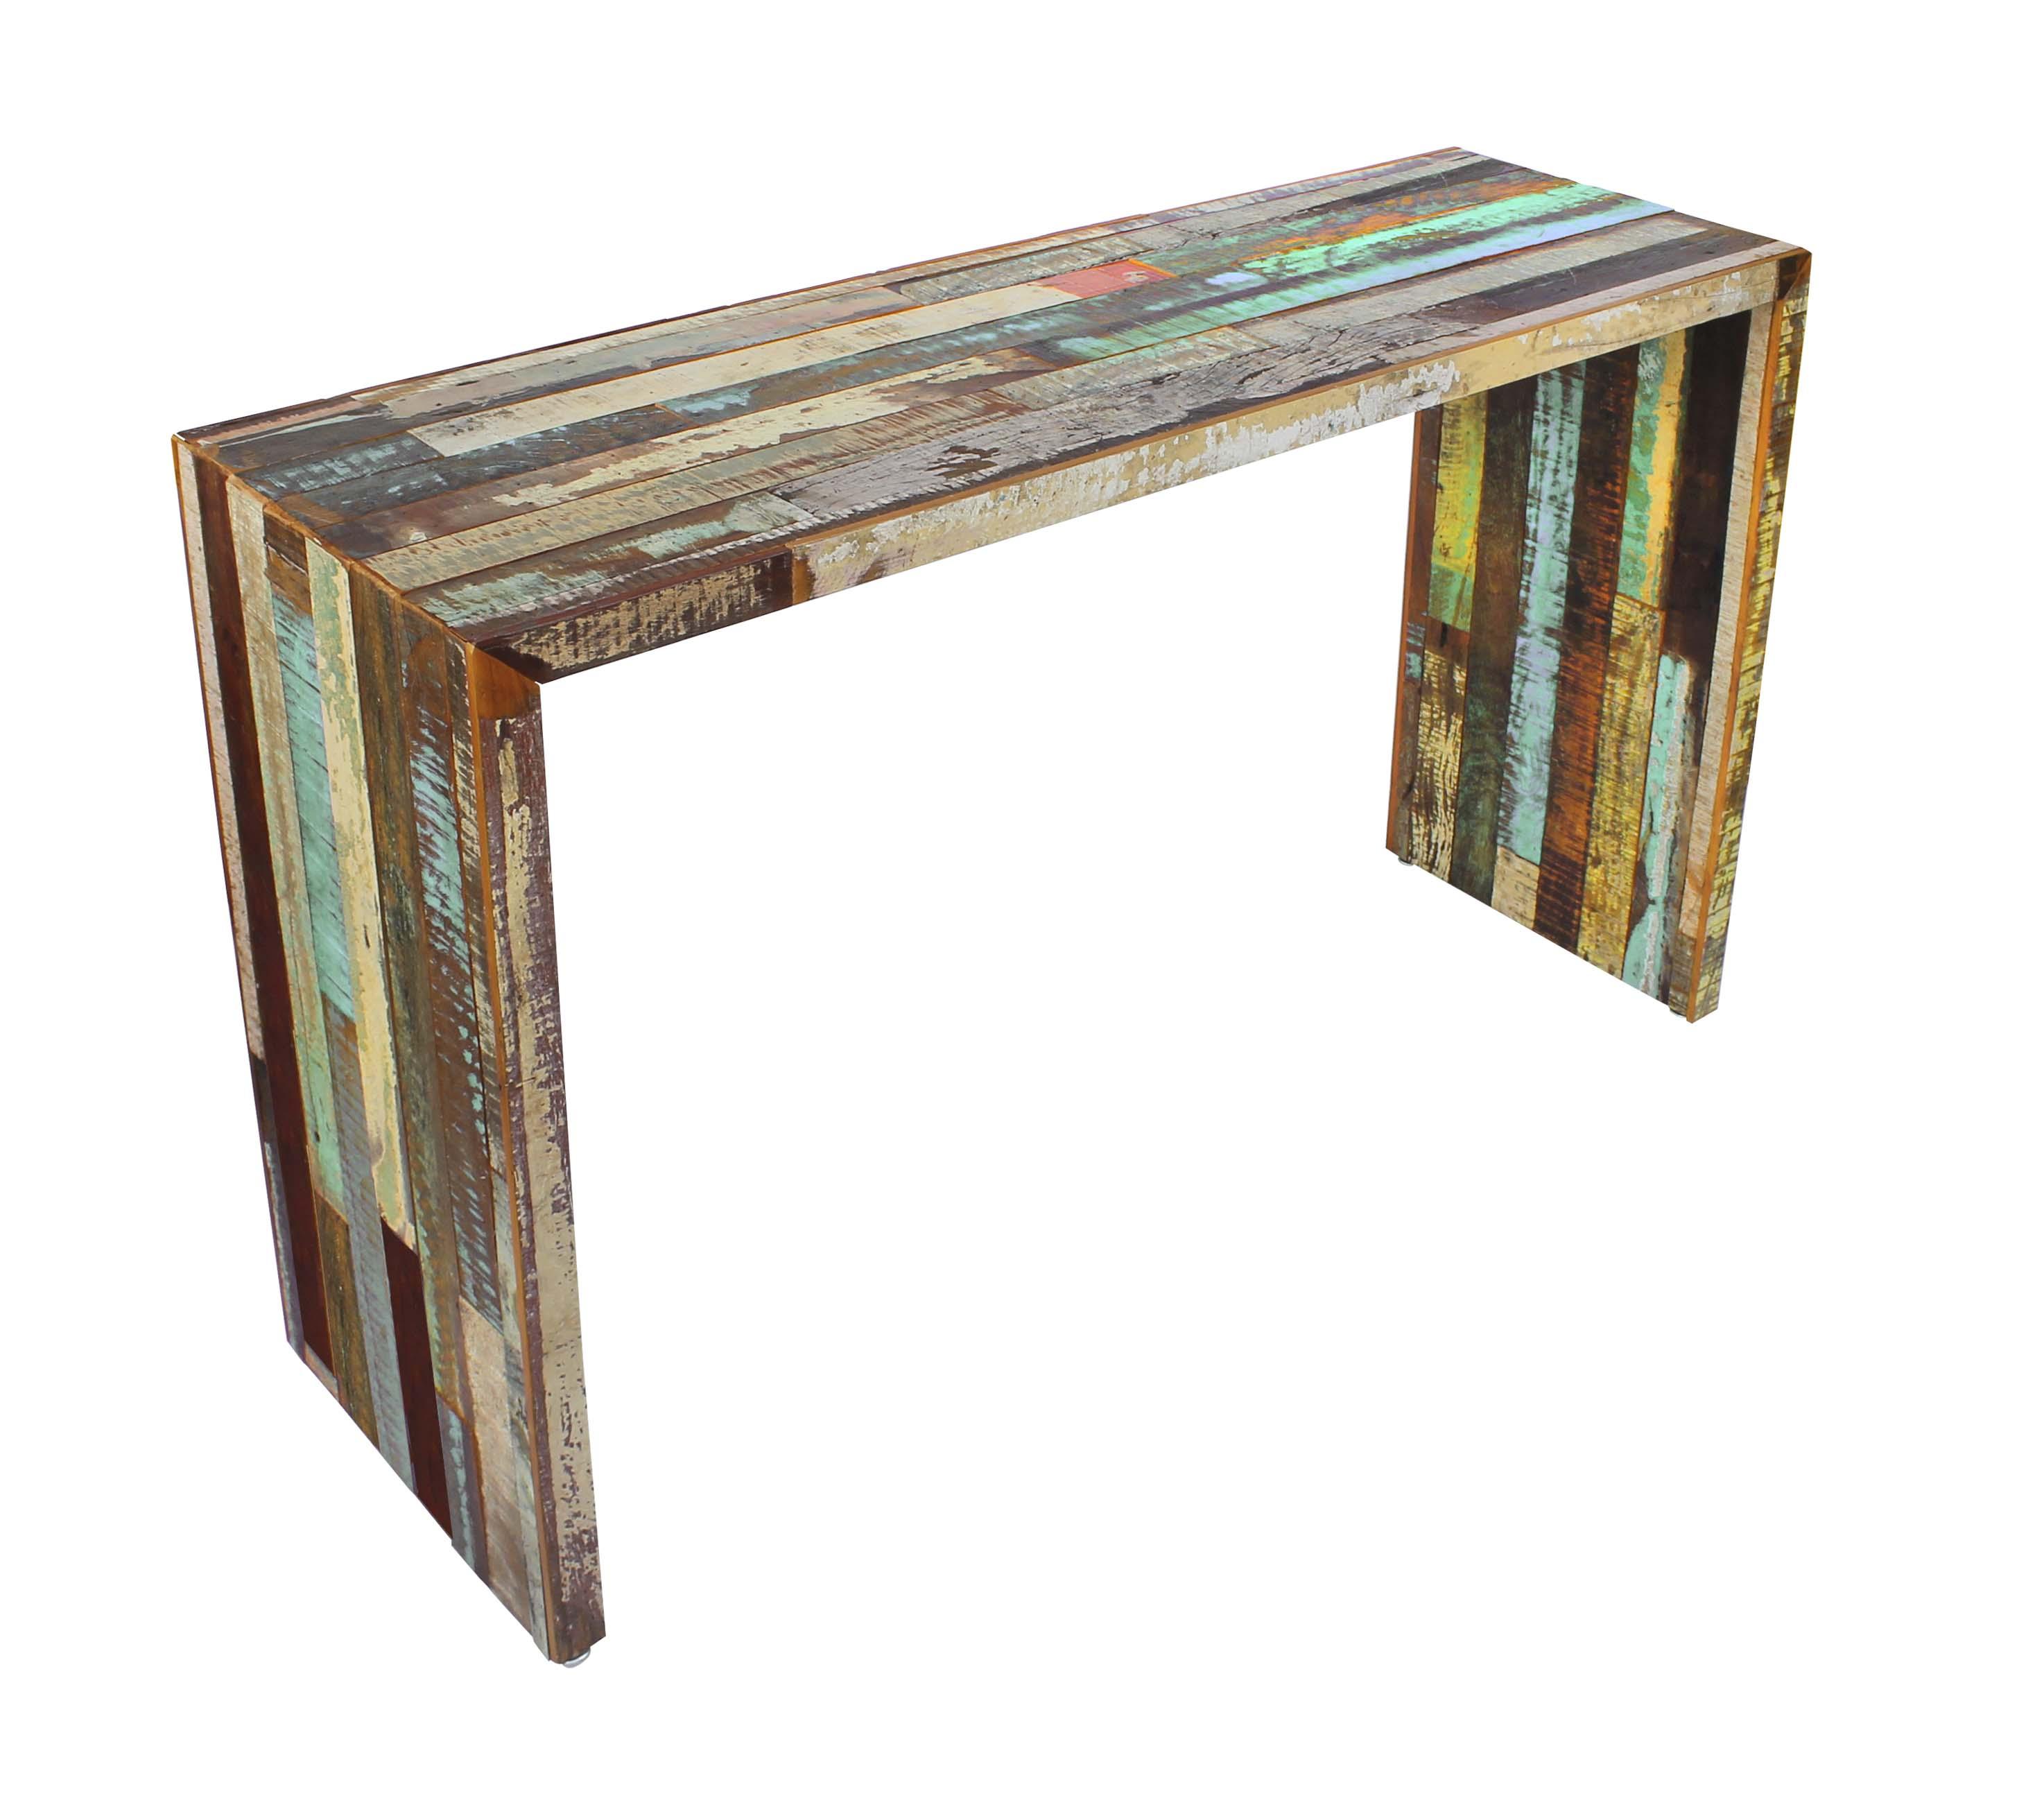 #977234  mesa de apoio madeira moveis rusticos moveis em madeira de demolicao 2948x2593 px decoração para mesa de madeira @ bernauer.info Móveis Antigos Novos E Usados Online